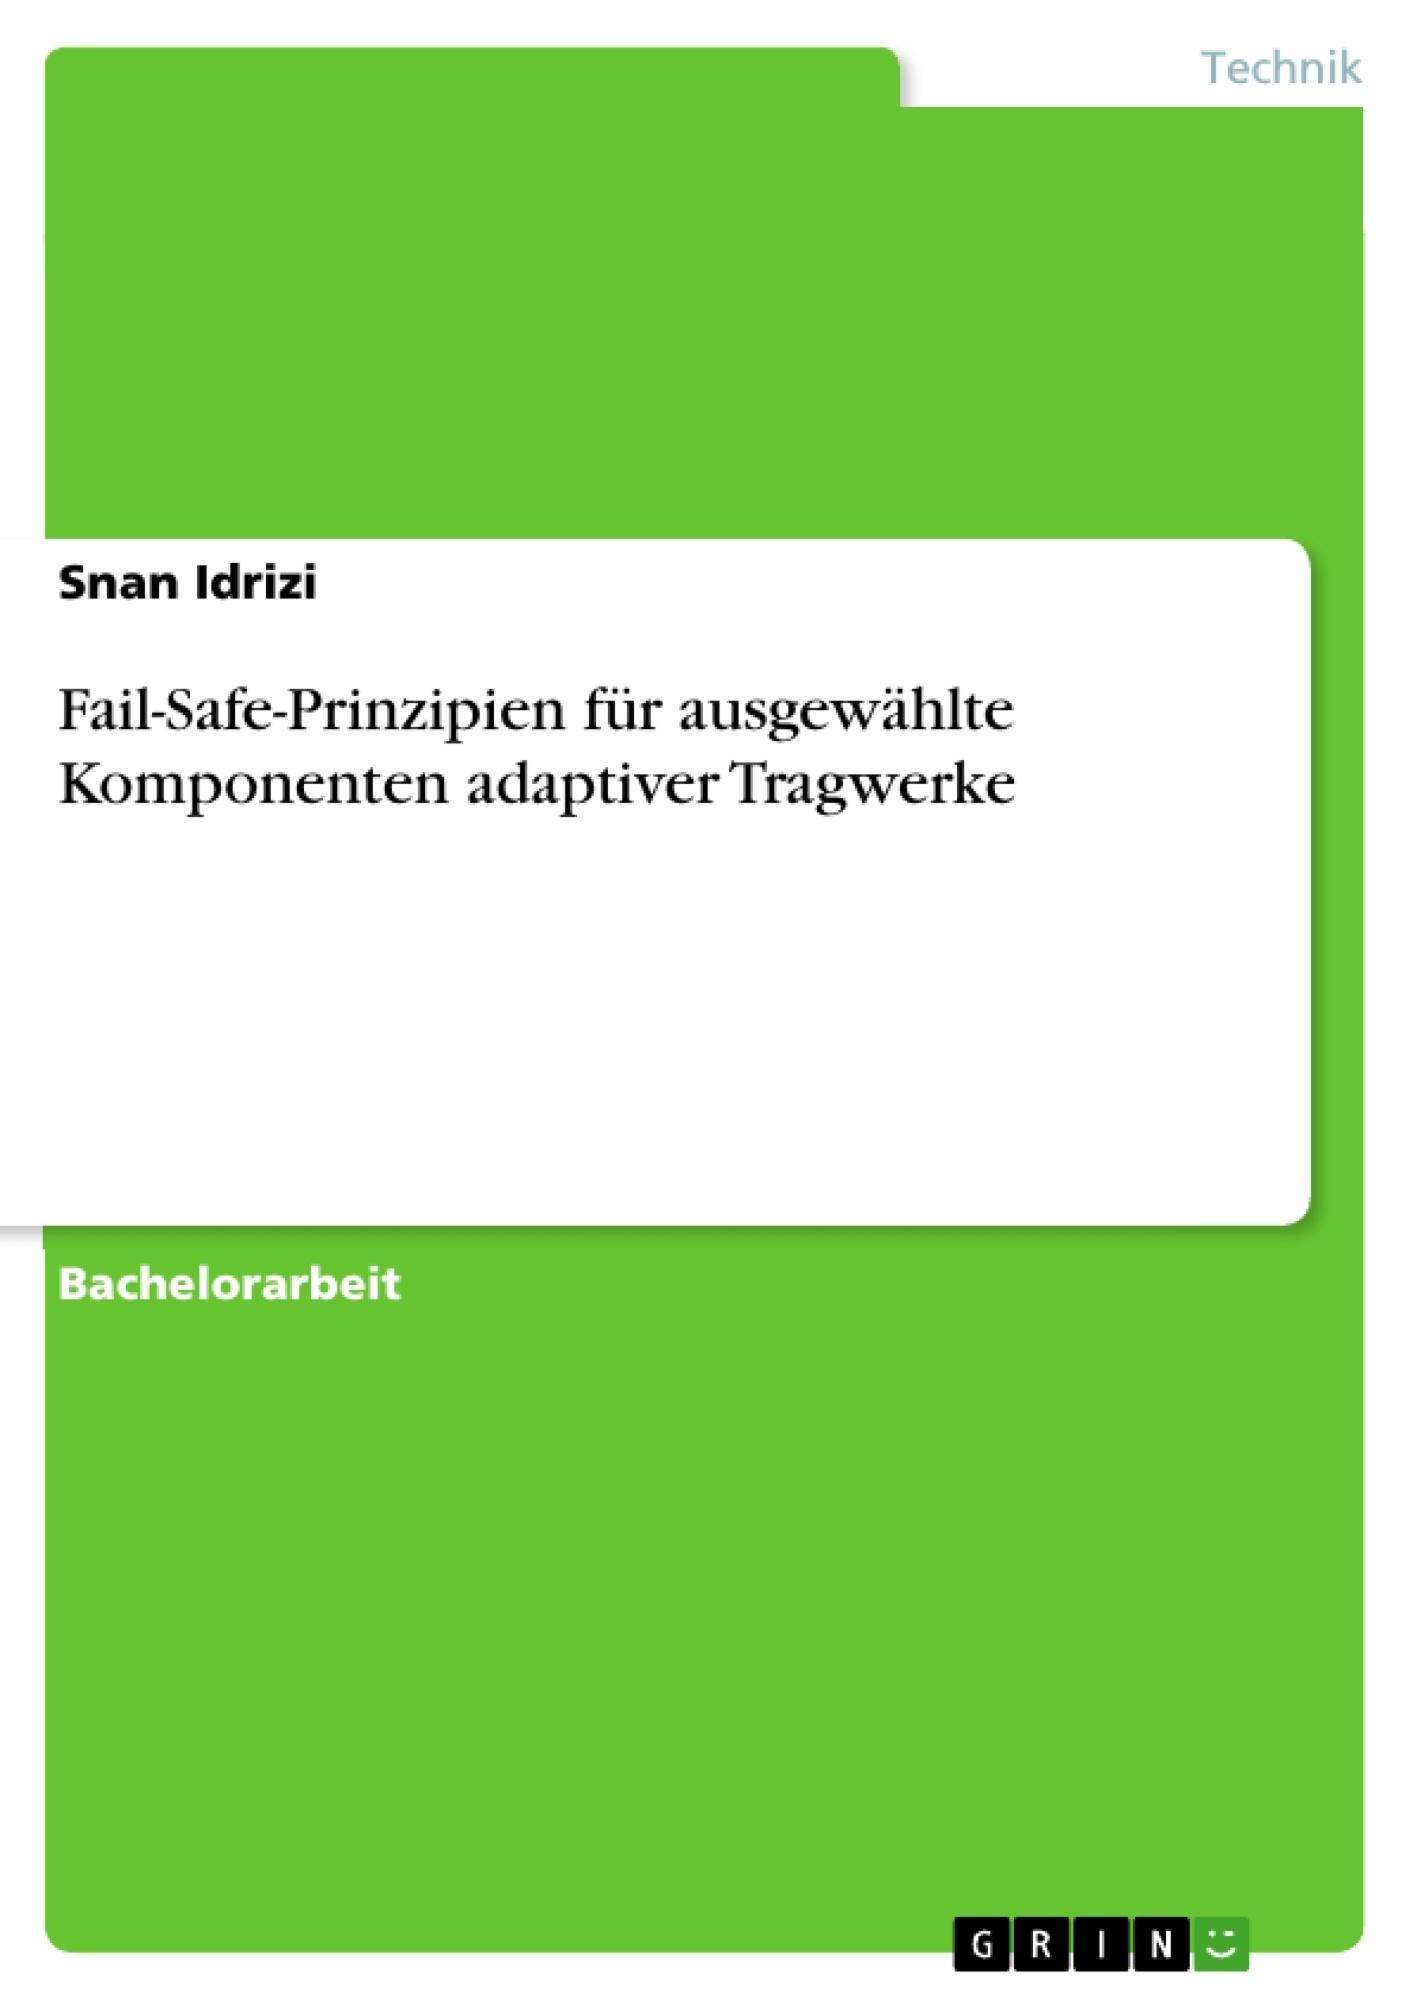 Titel: Fail-Safe-Prinzipien für ausgewählte Komponenten adaptiver Tragwerke